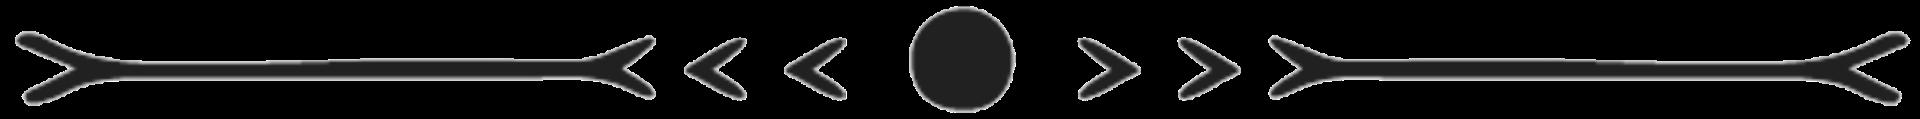 Graphic separator